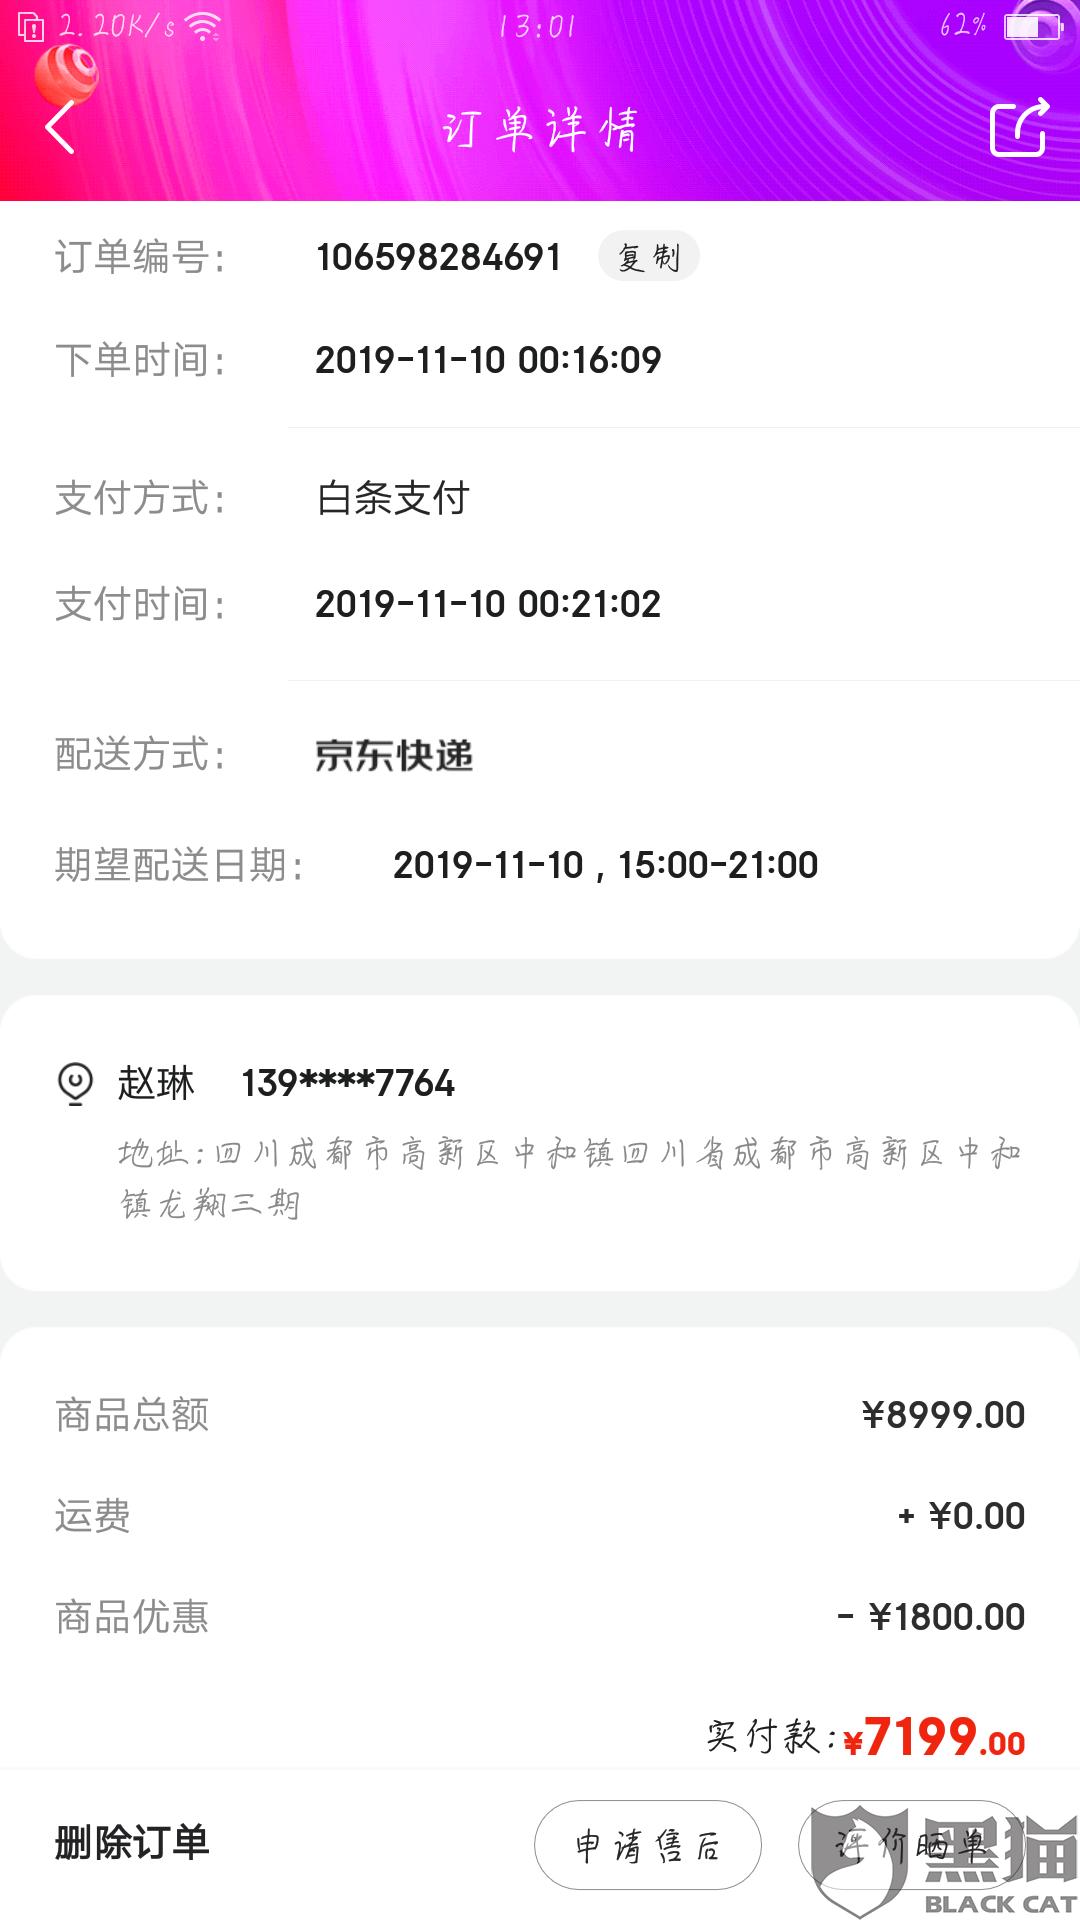 黑猫投诉:在Apple产品京东自营旗舰店购买后第二天降价,第三天恢复价格本人申请价保不成功